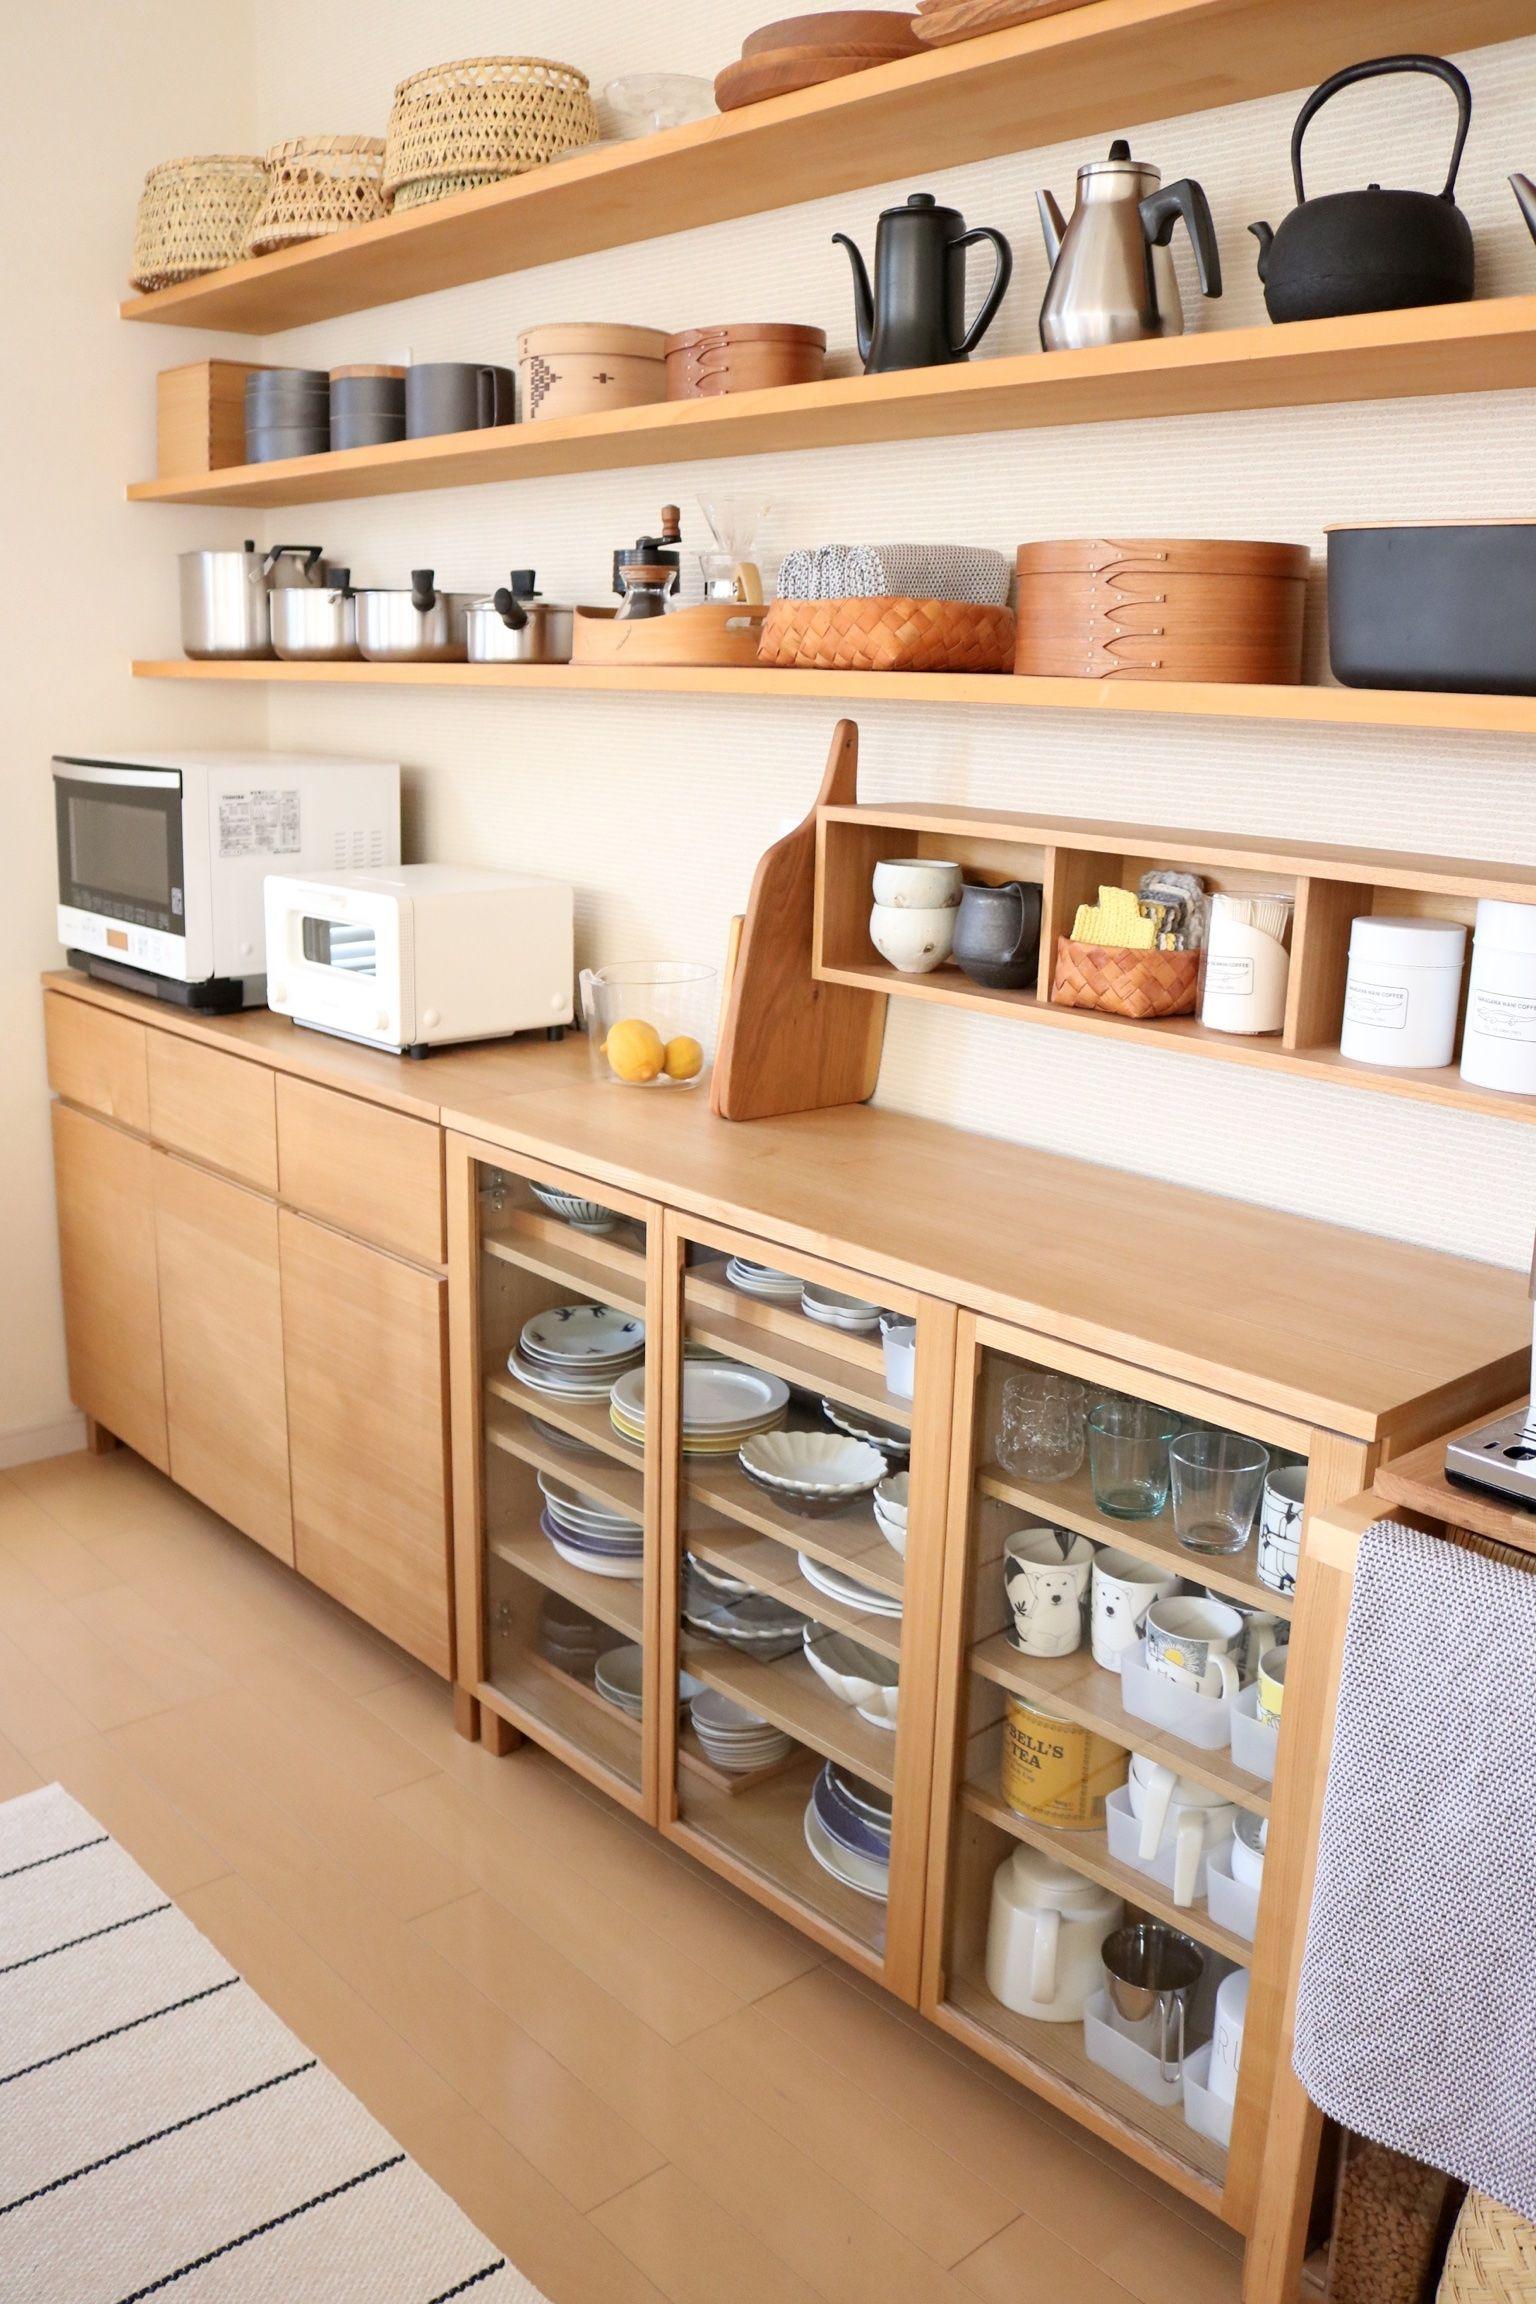 キッチン 食器棚の買い替え Ducks Home 楽天ブログ 現代の